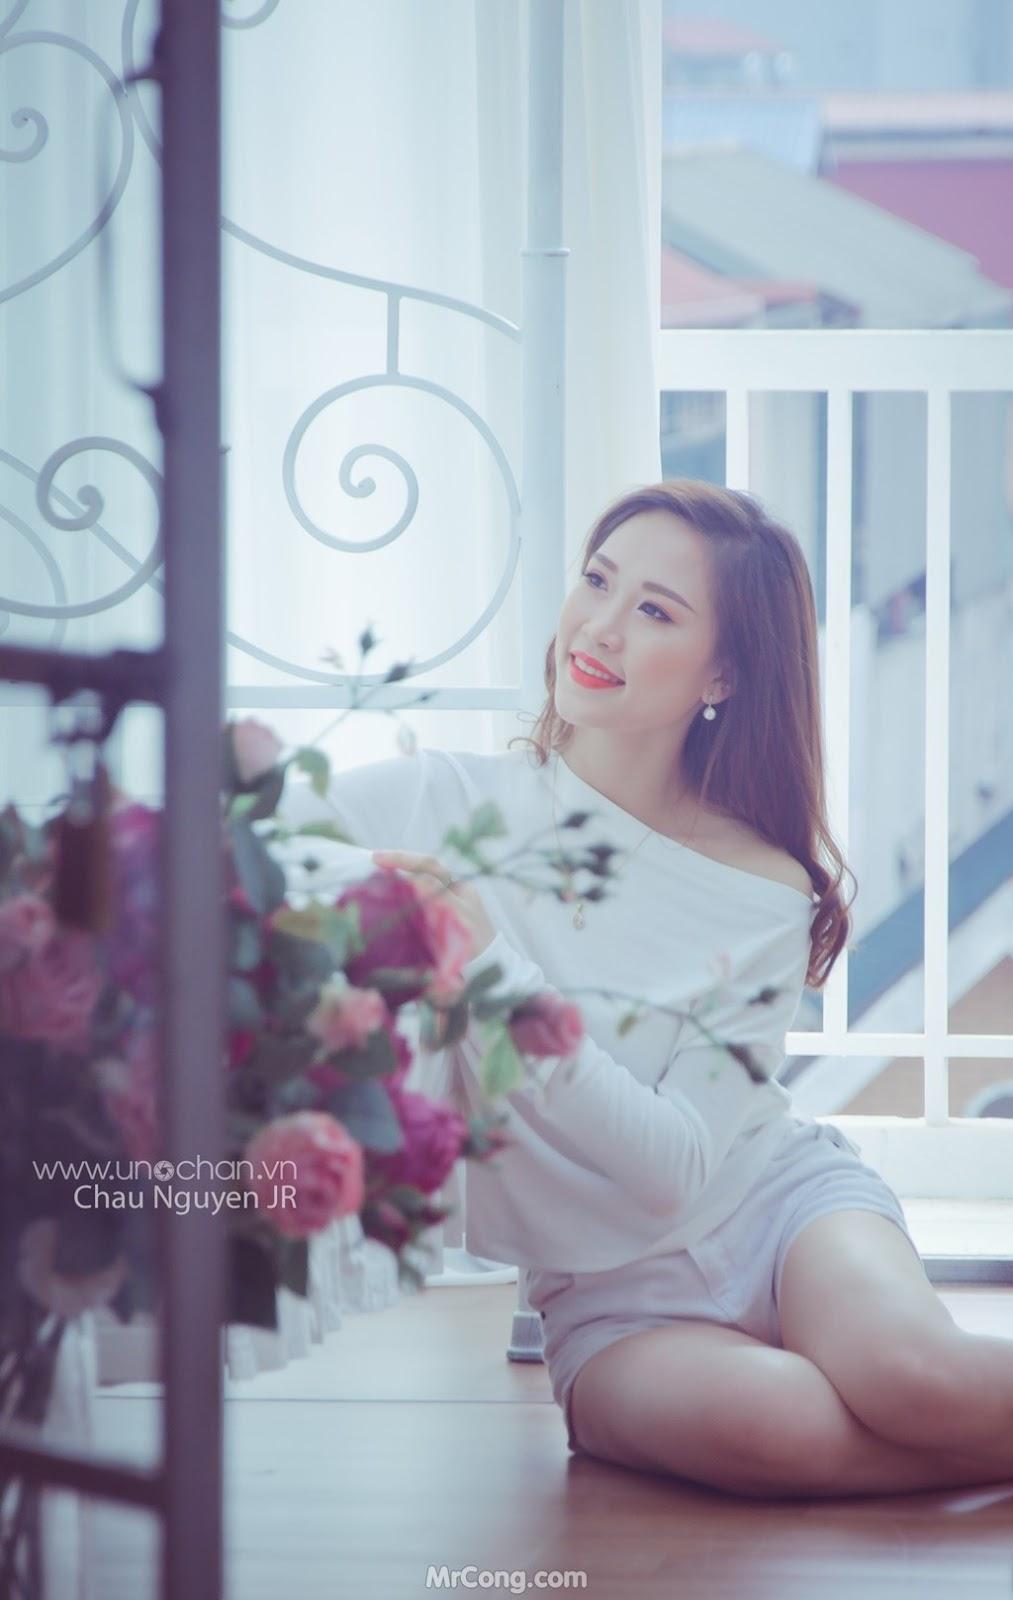 Image Vietnamese-Girls-by-Chan-Hong-Vuong-Uno-Chan-MrCong.com-093 in post Gái Việt duyên dáng, quyến rũ qua góc chụp của Chan Hong Vuong (250 ảnh)